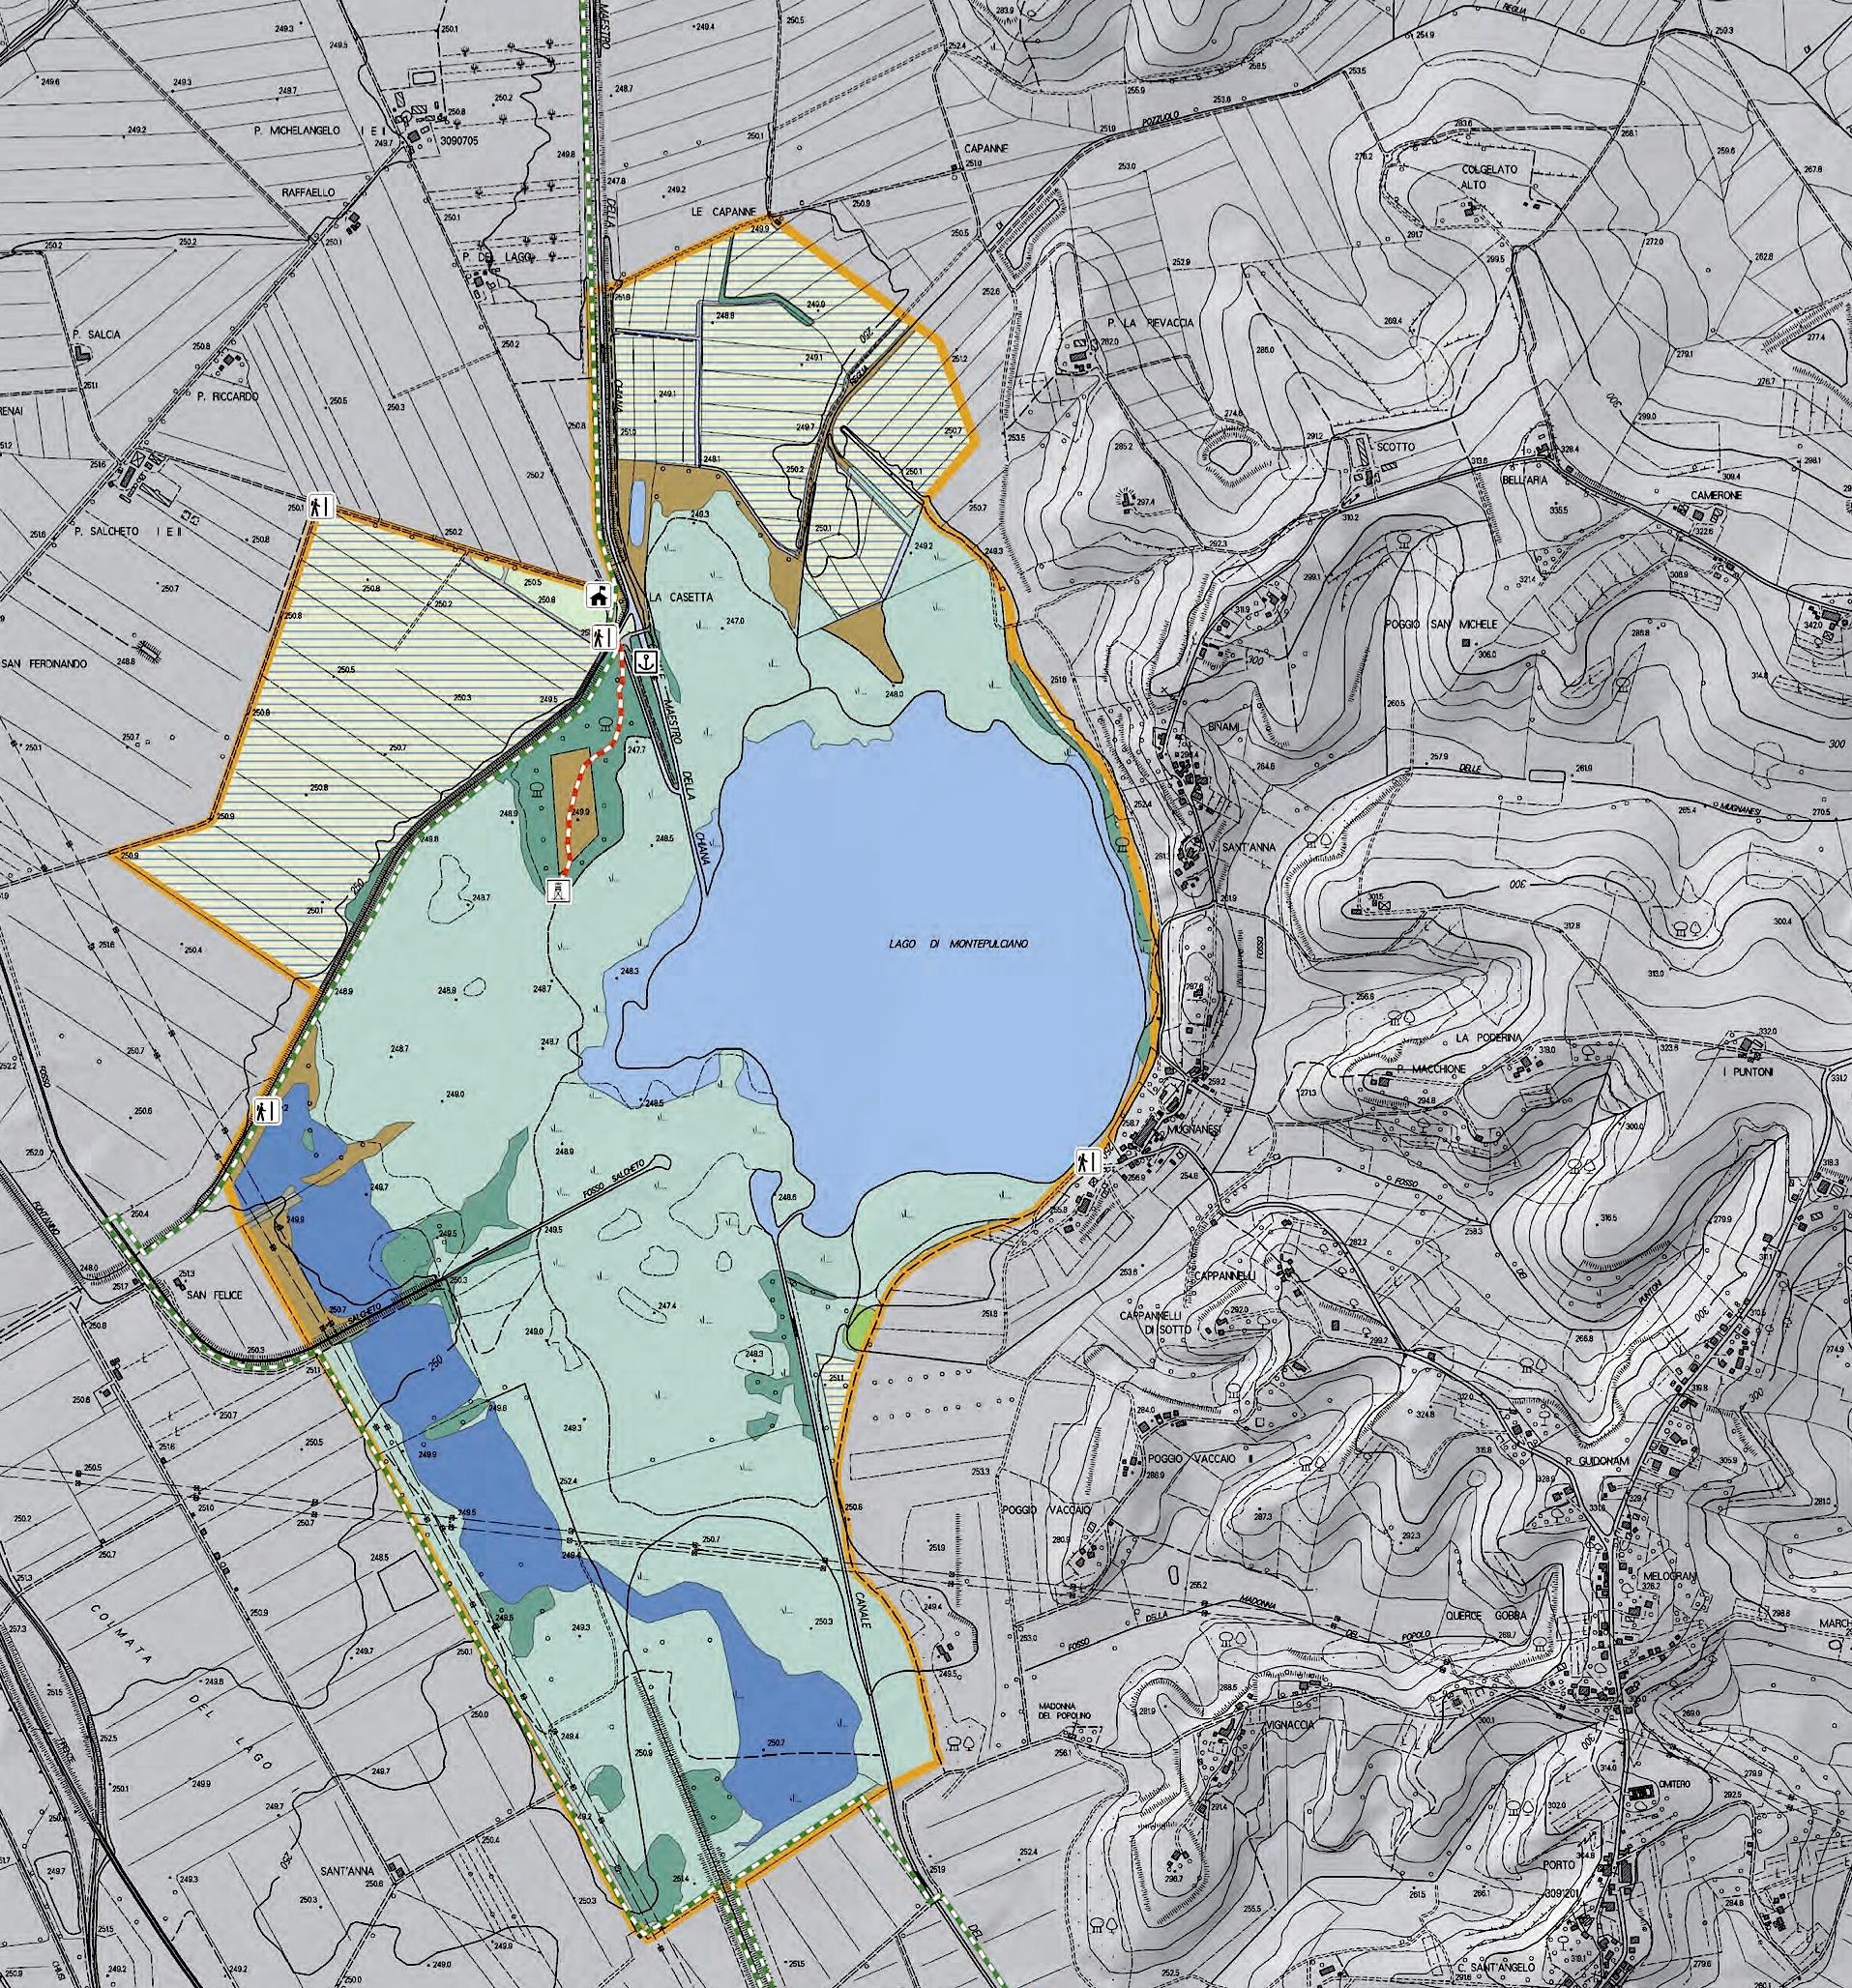 La carta del Lago di Montepulciano